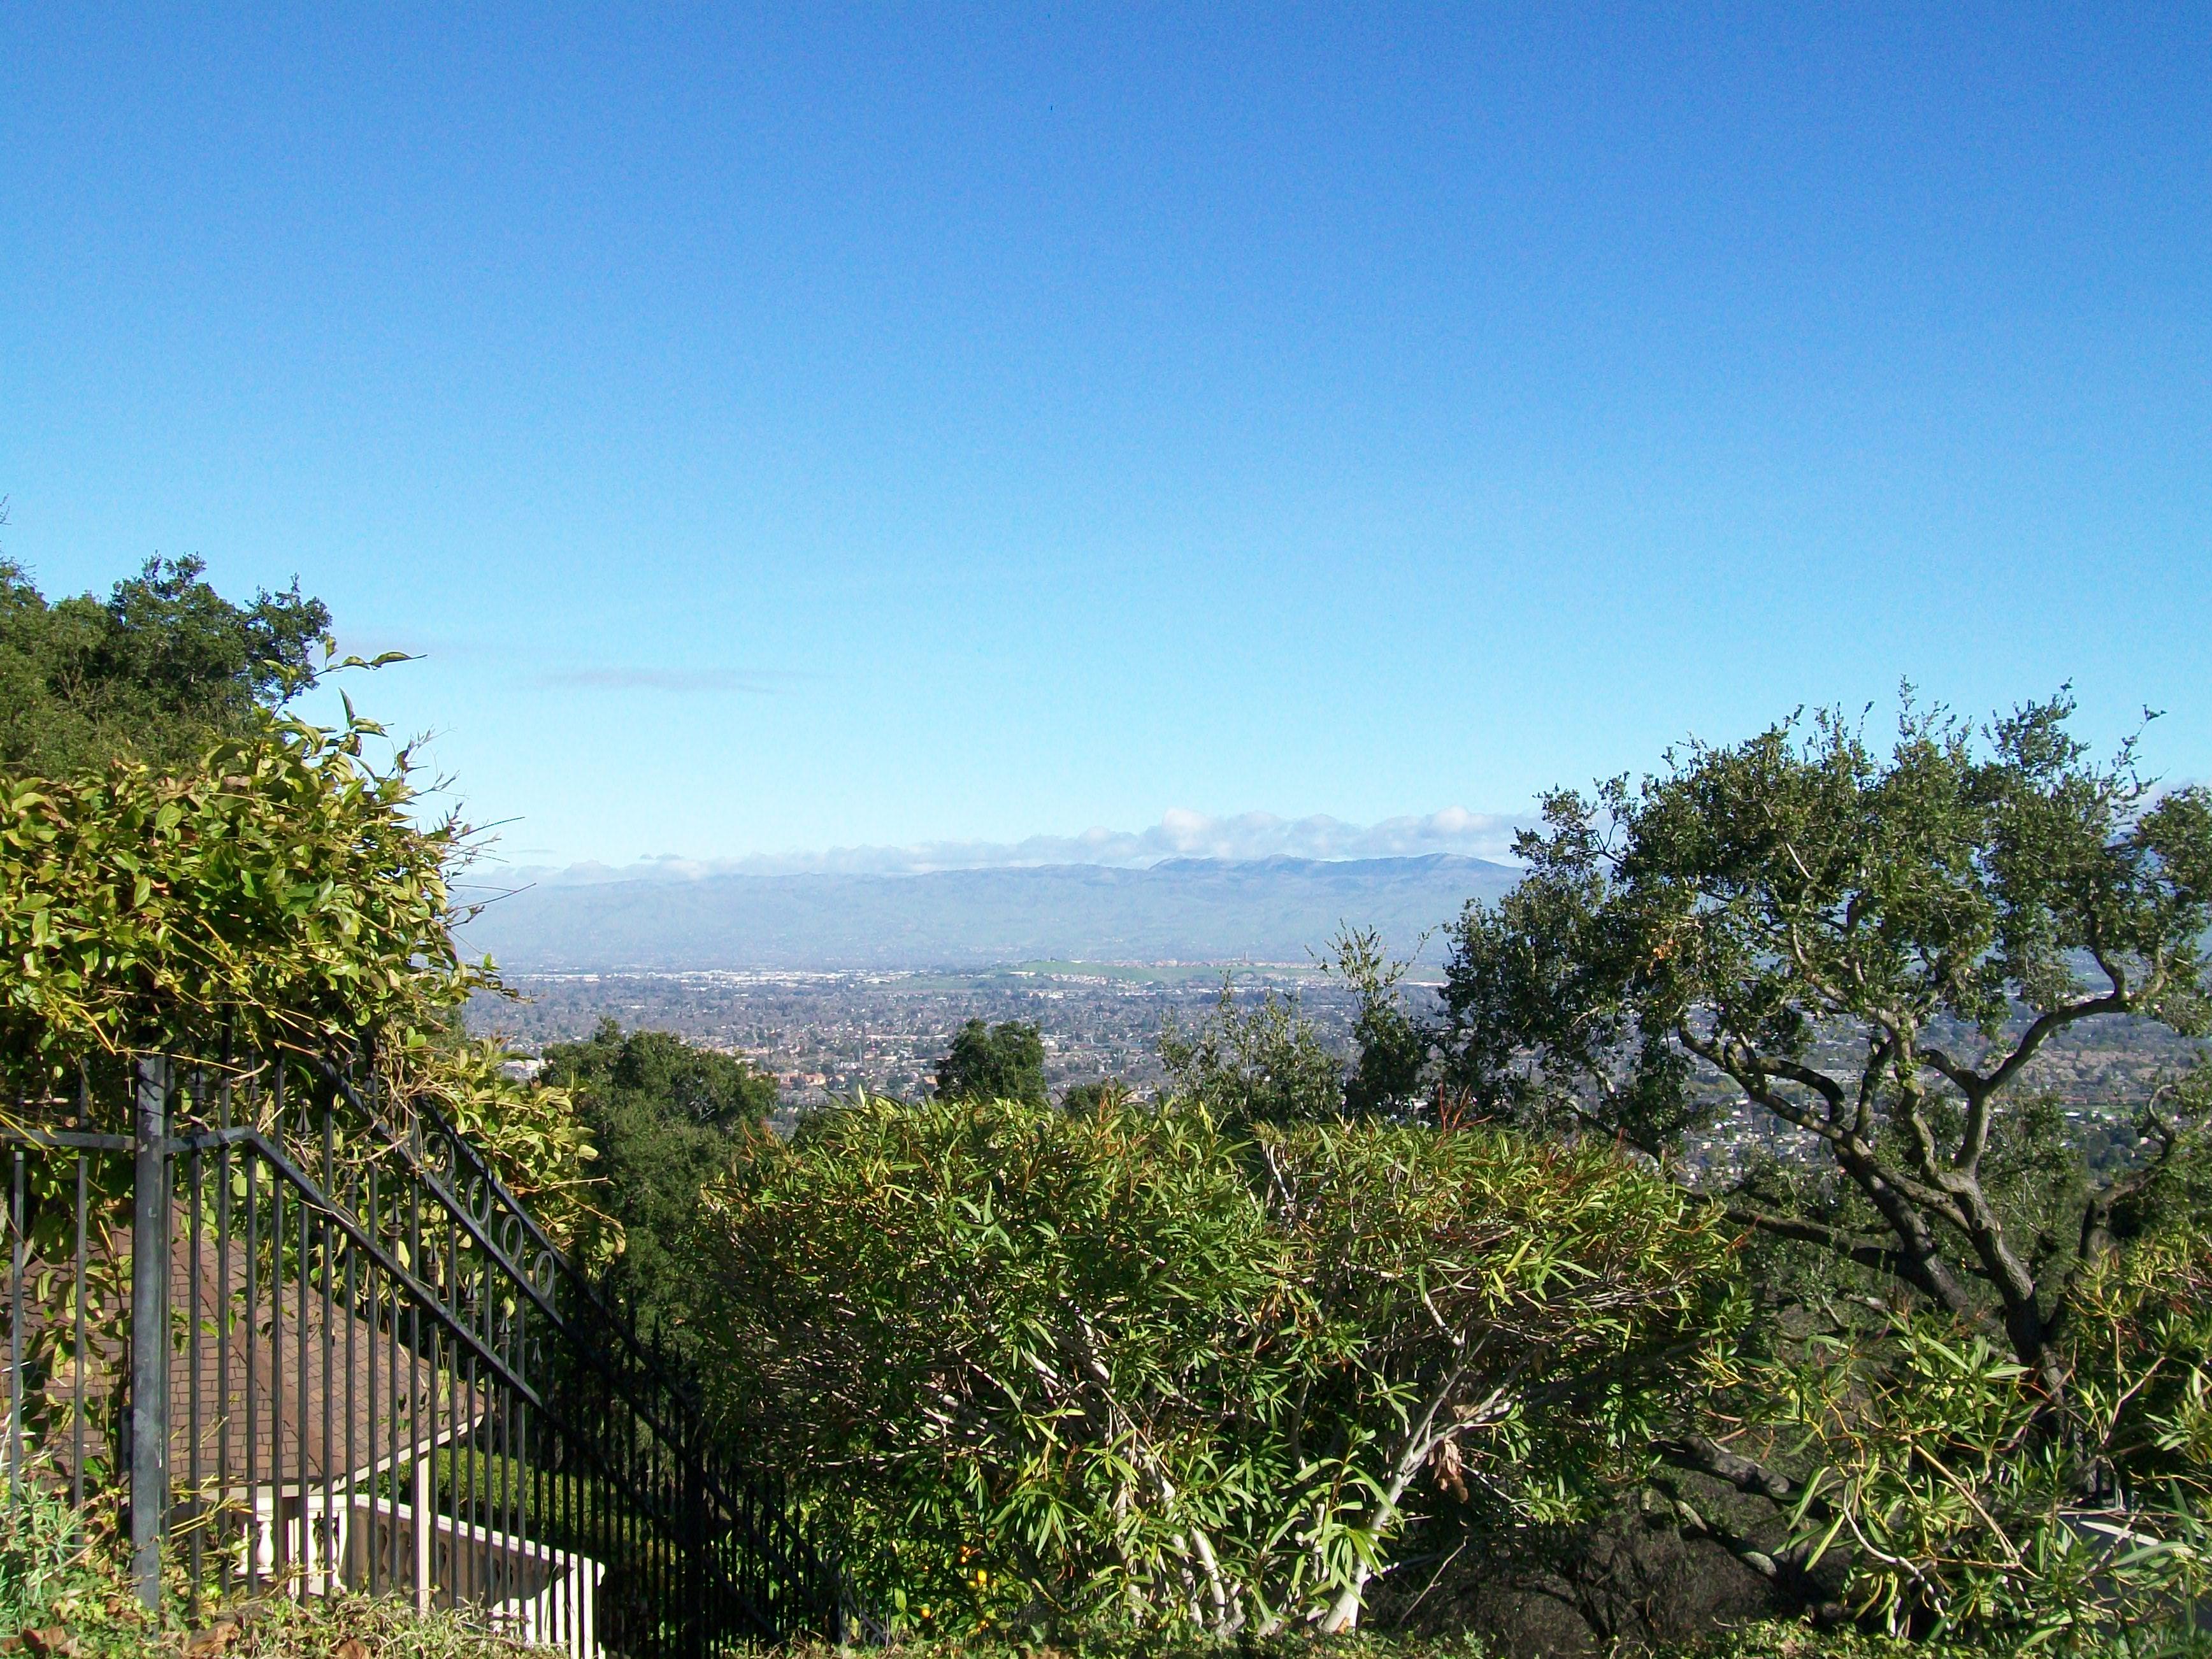 Sierra Azule Valley View - Santa Rosa Drive and Sierra Azule neighborhood